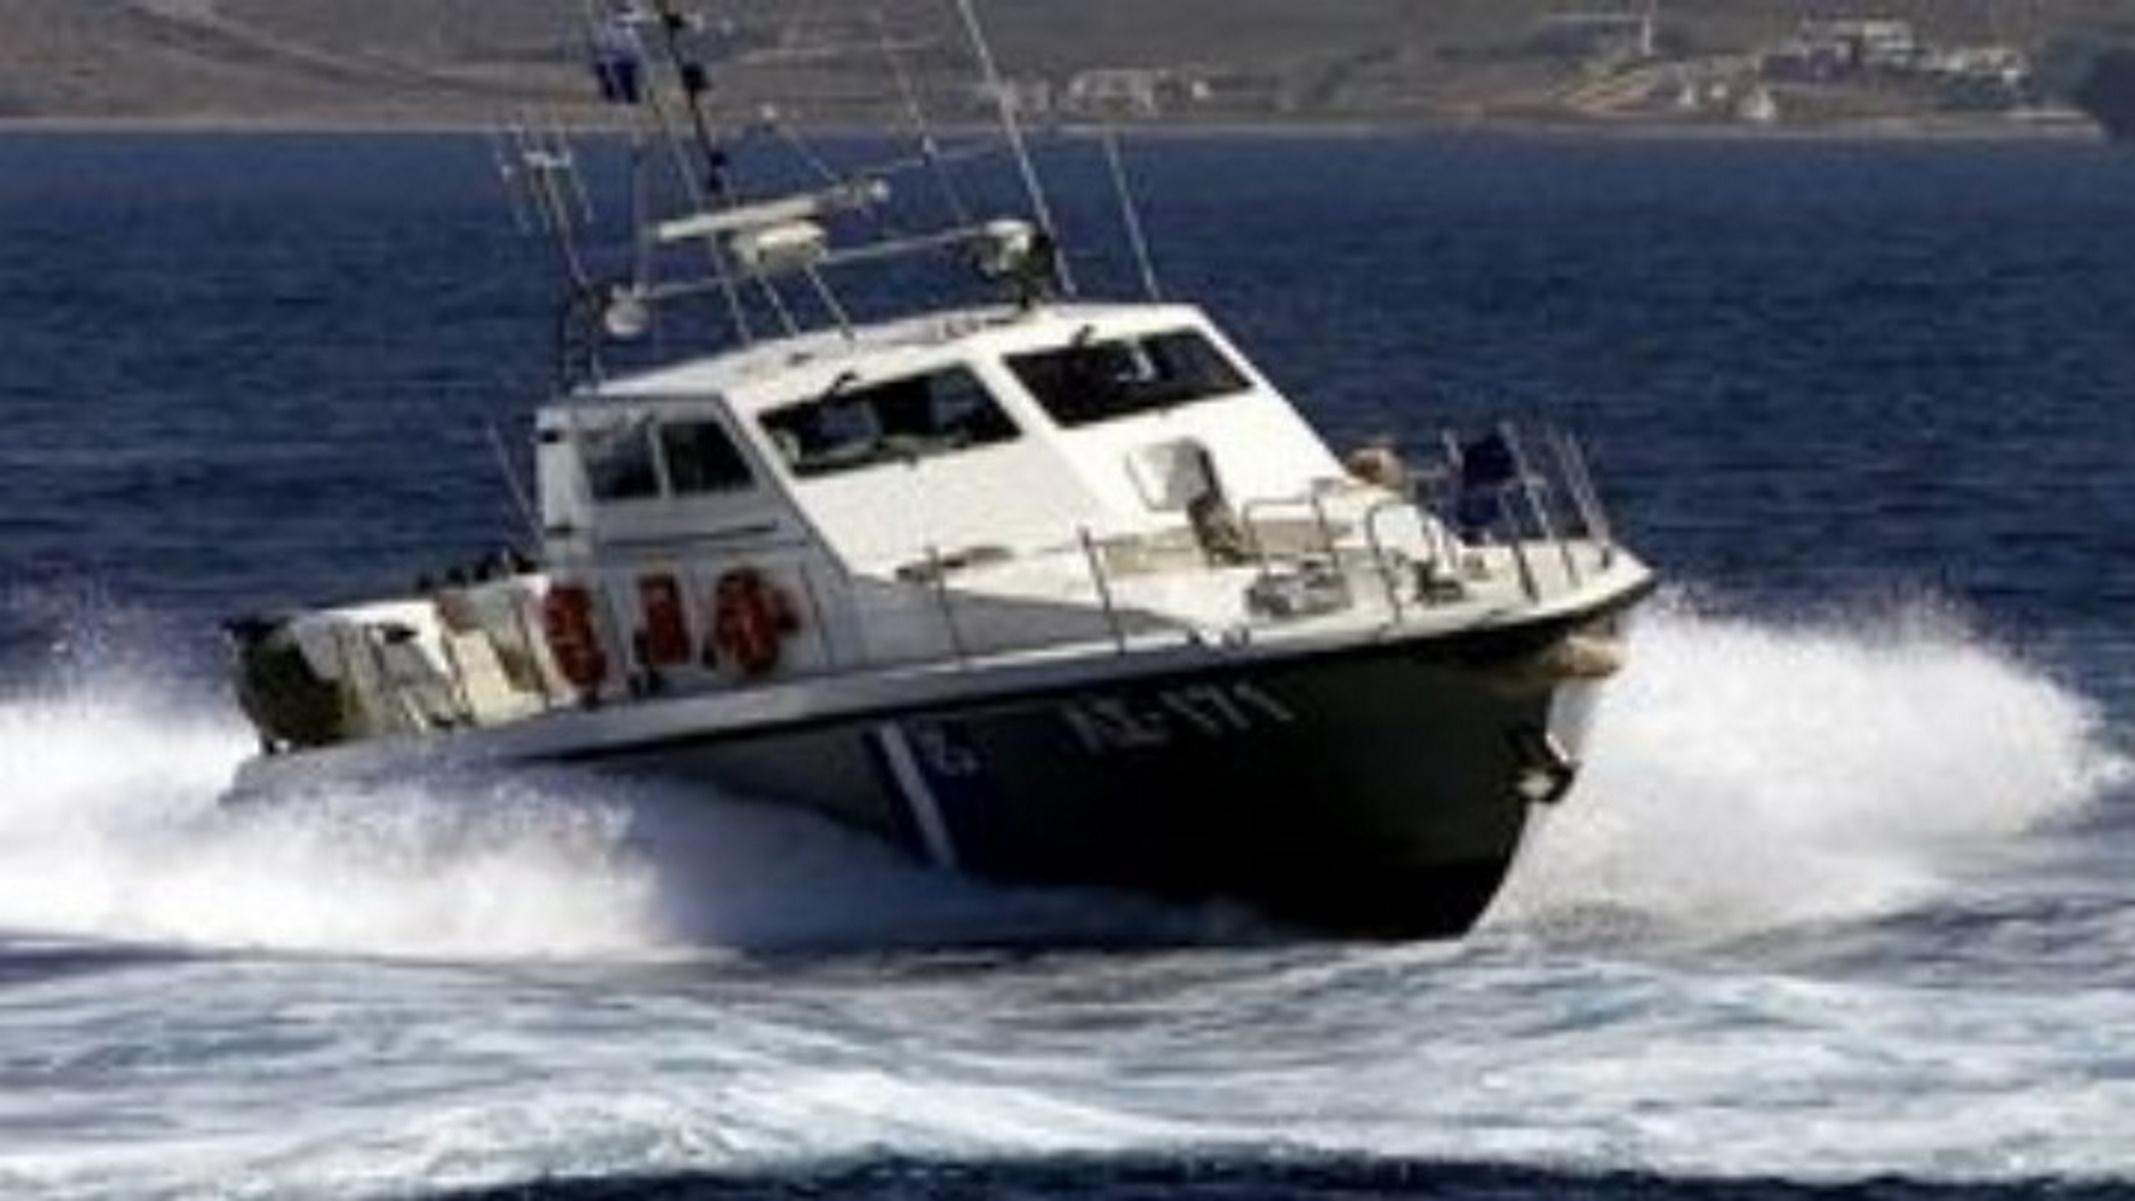 Θεσσαλονίκη: Θρίλερ με αγνοούμενο ψαρά στην Επανομή – Στο κόκκινο η αγωνία των συγγενών του